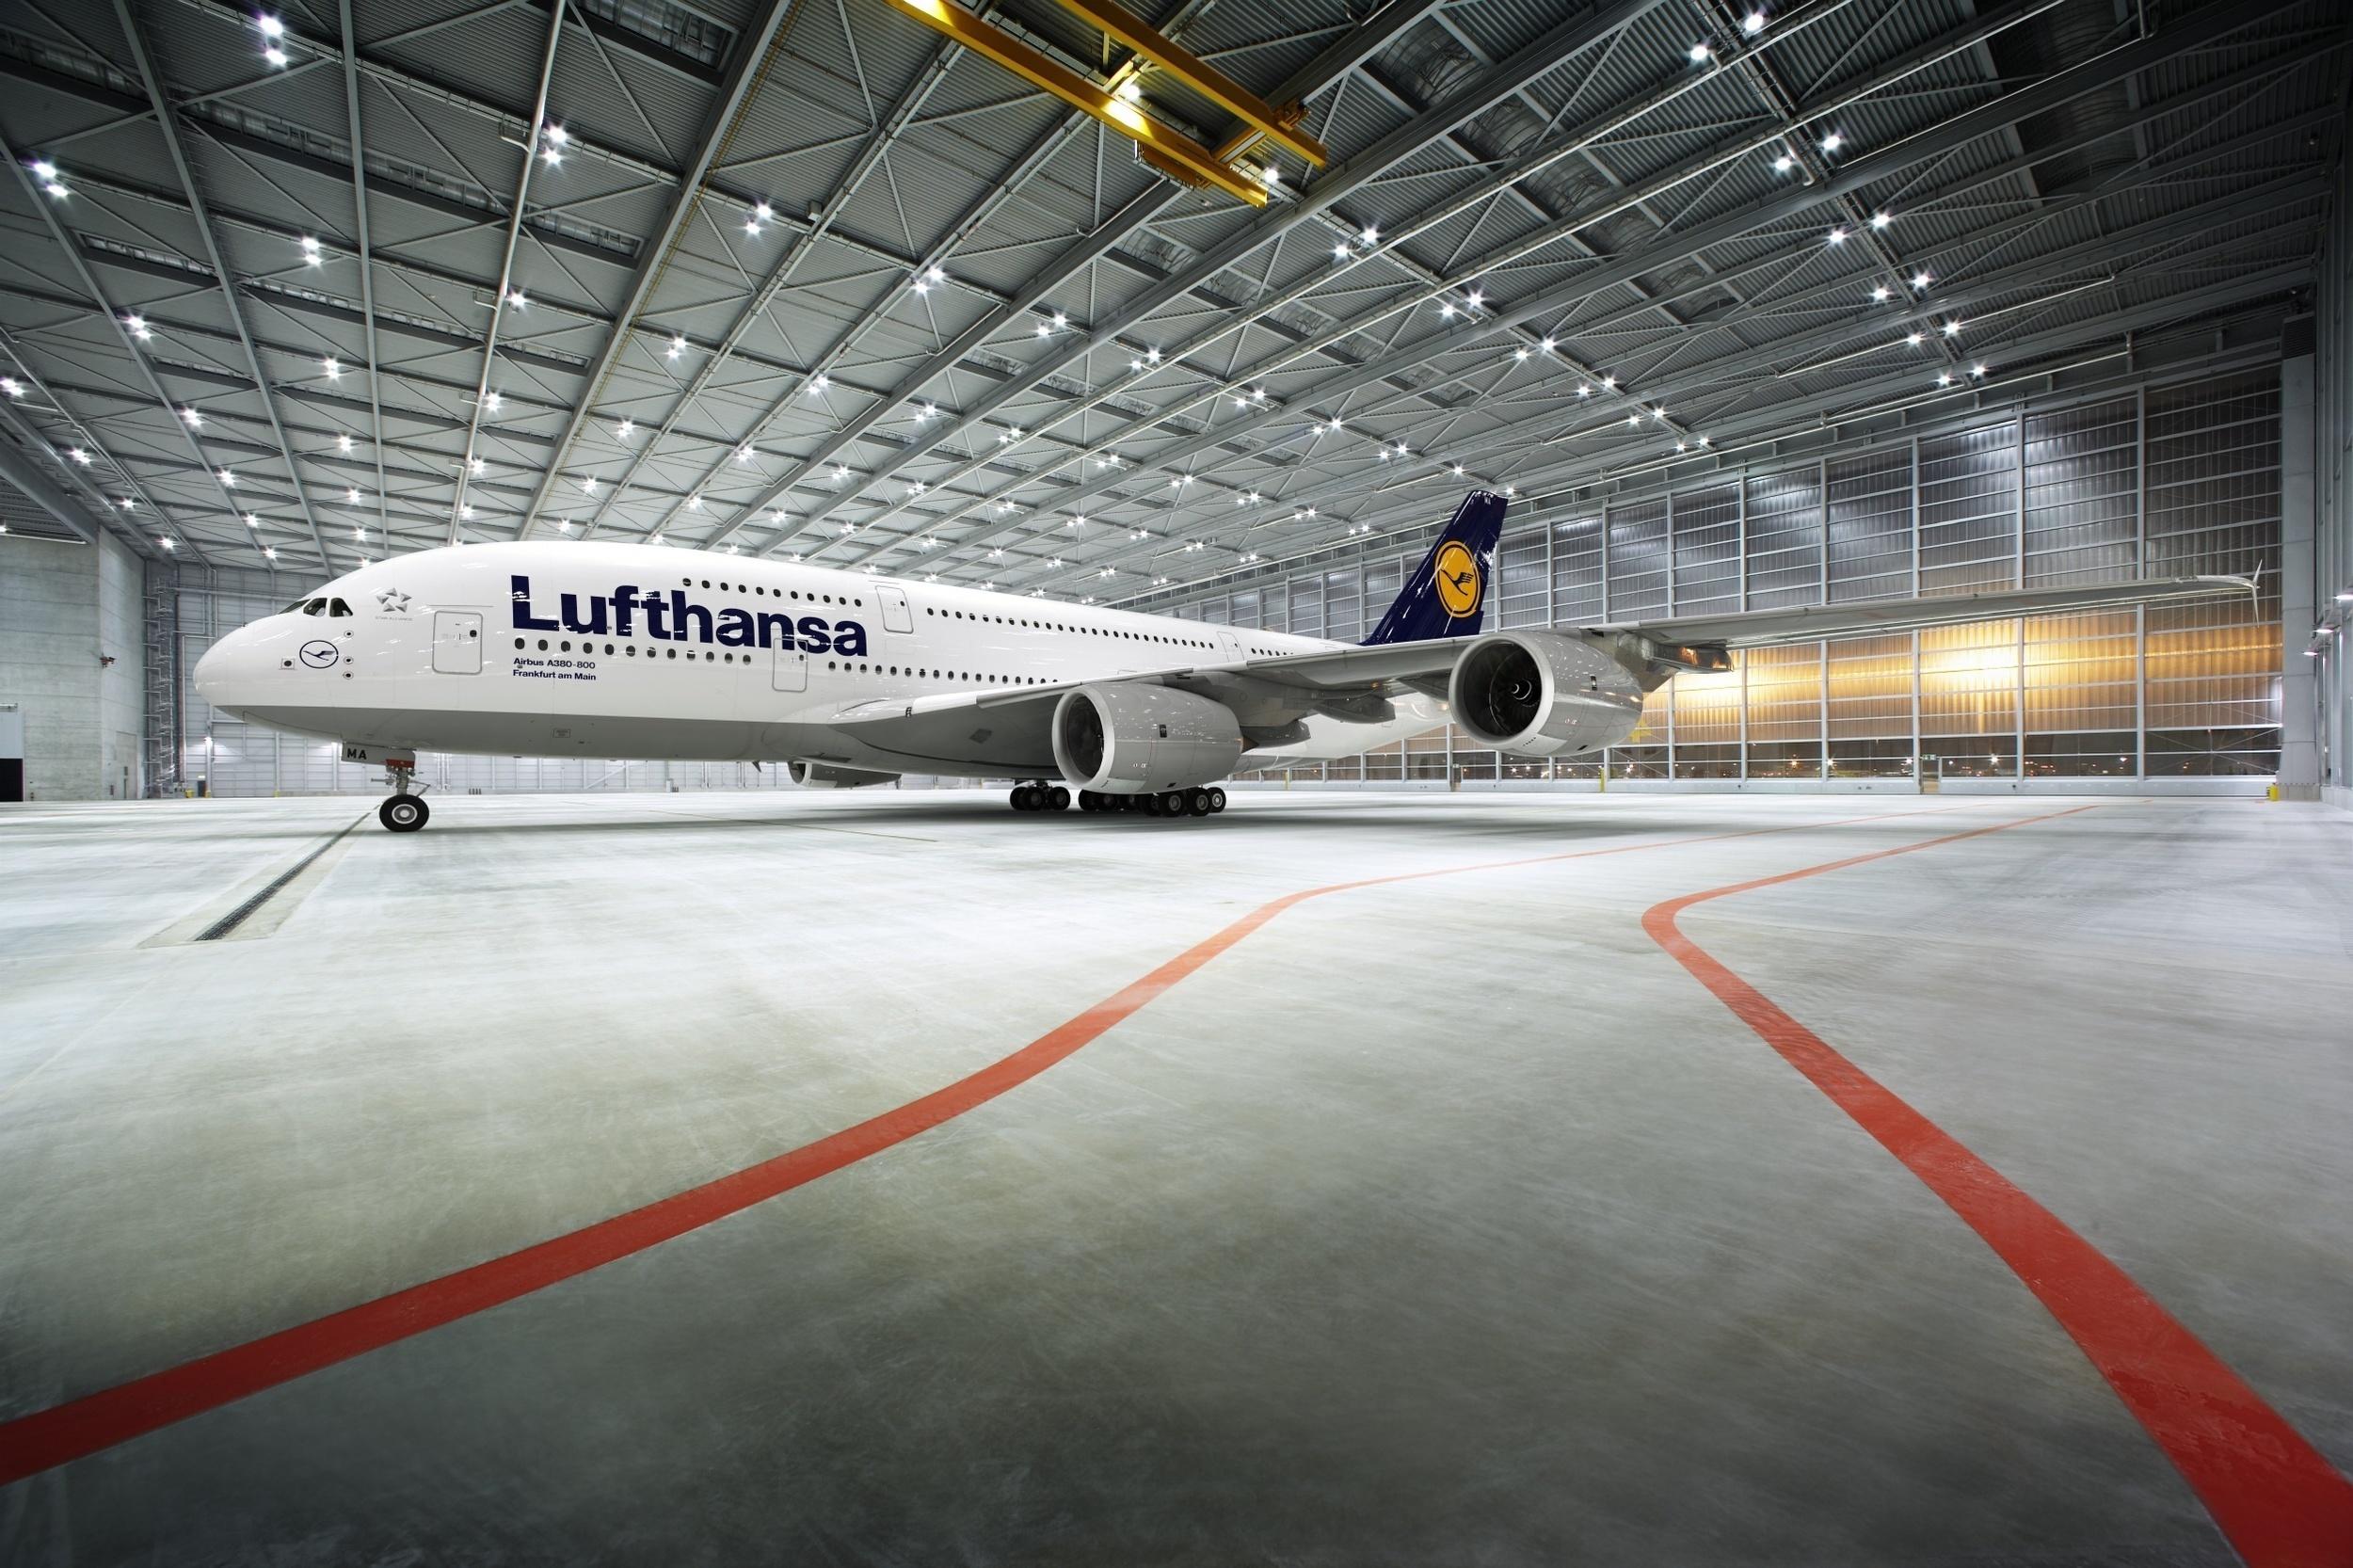 airbus-a380-passenger-aircraft-lufthansa-airliner-airport-hangar-lighting.jpg